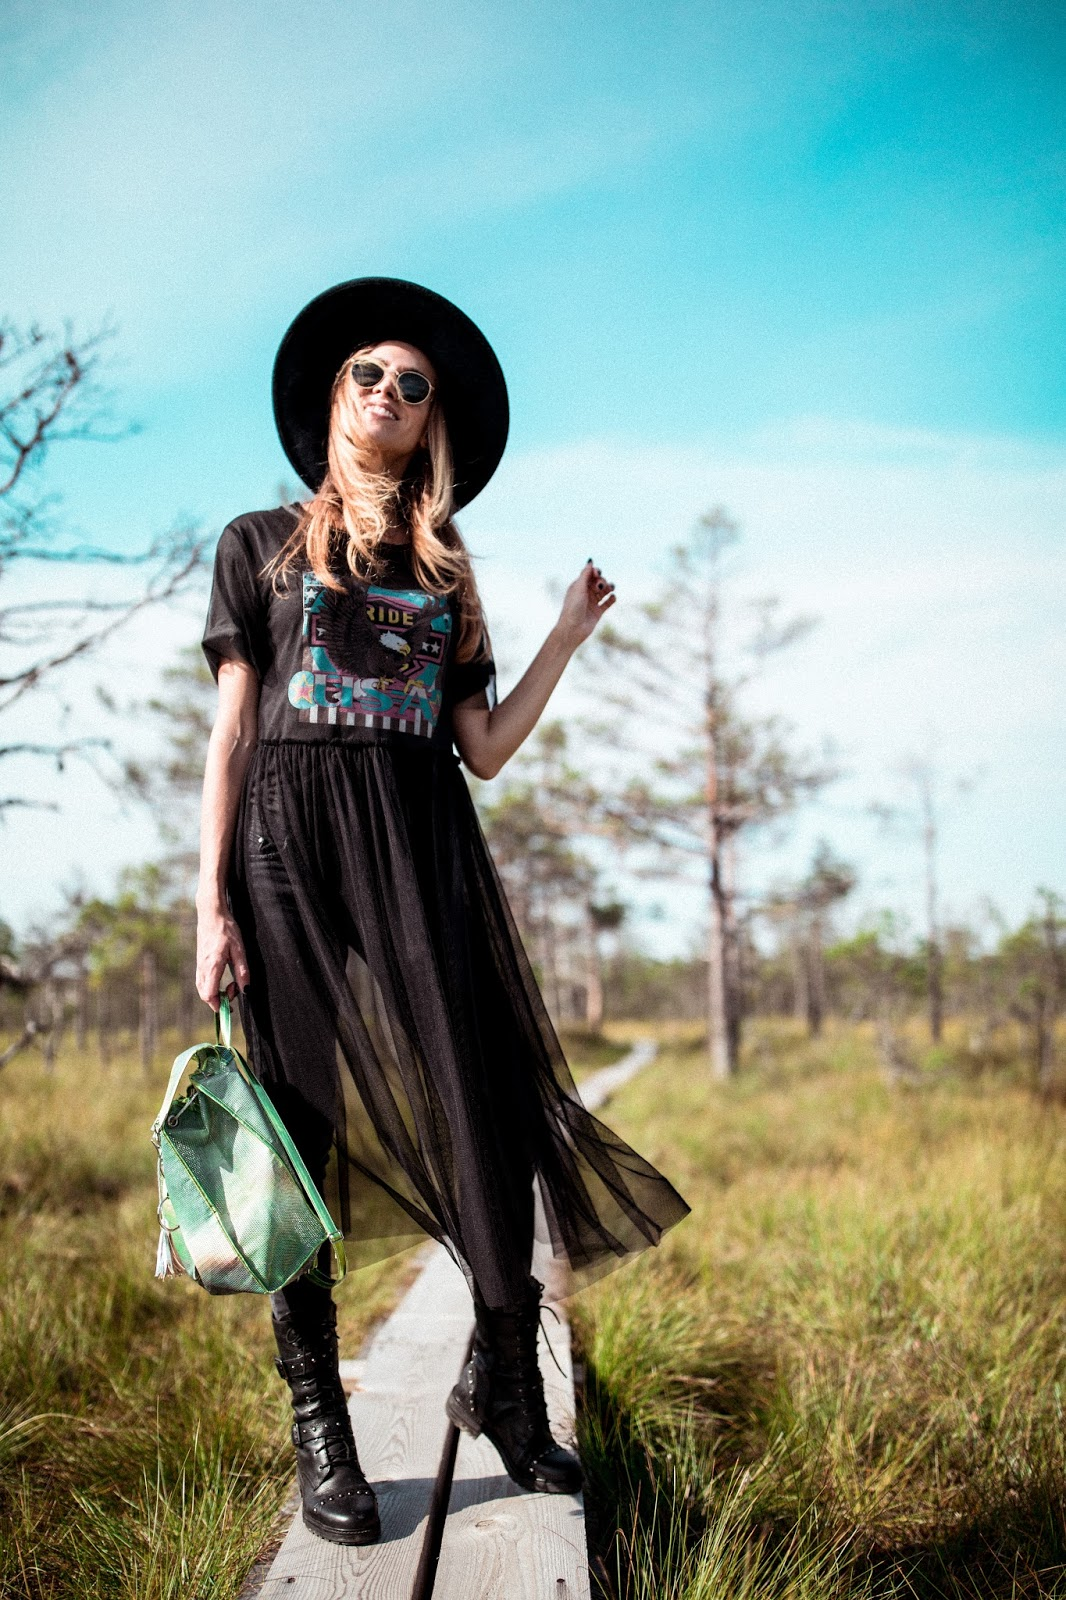 black mesh dress biker boots outfit summer